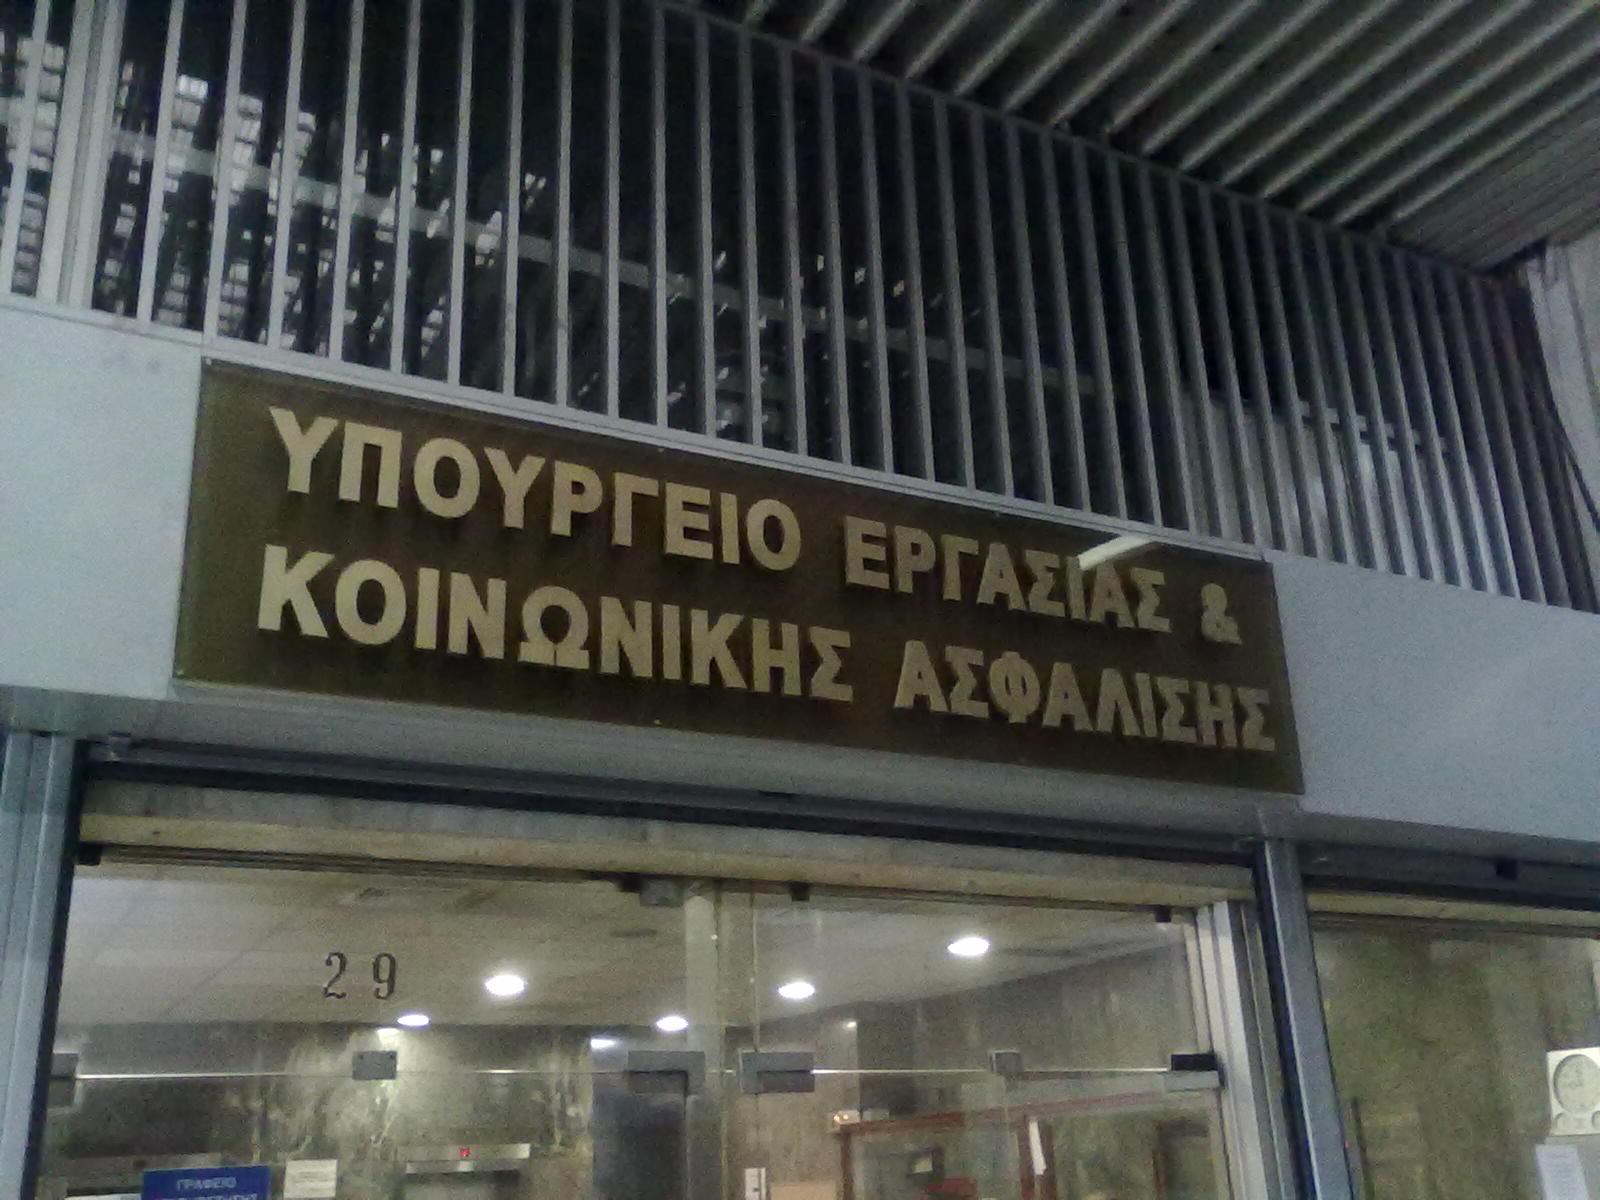 Εφάπαξ ενίσχυση 1.000 ευρώ για 702 ανέργους εννέα επιχειρήσεων